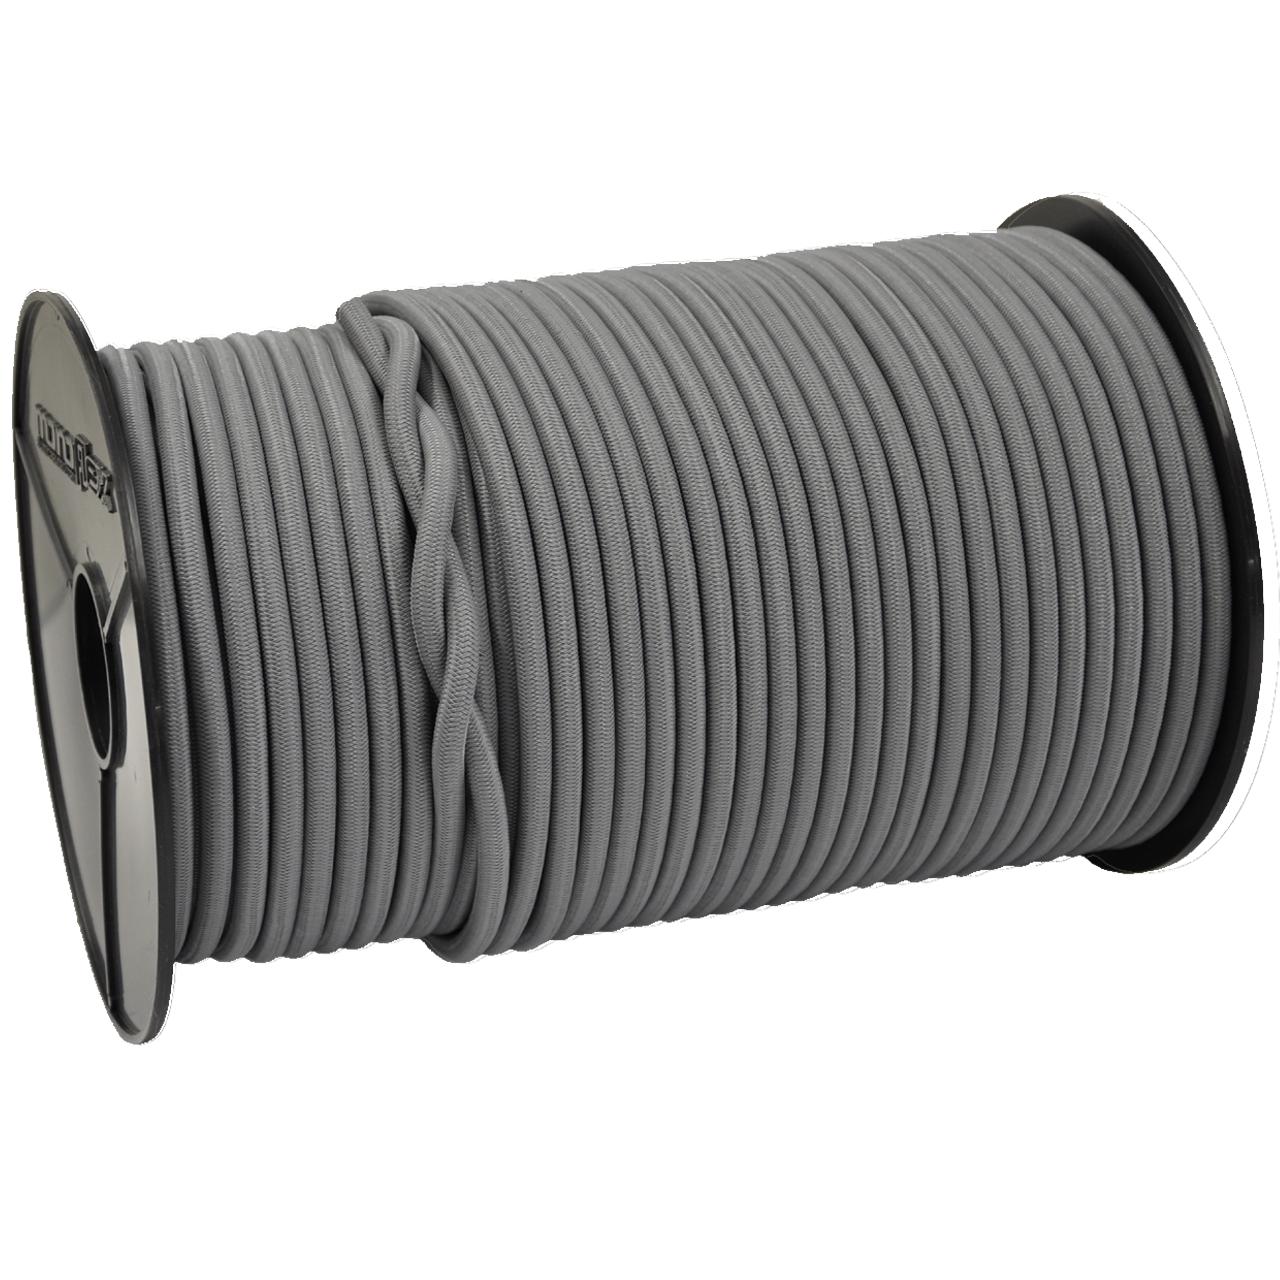 SCHNURHAUS - Monoflex Expanderseil mit Polyethylen (PE) Mantel grau